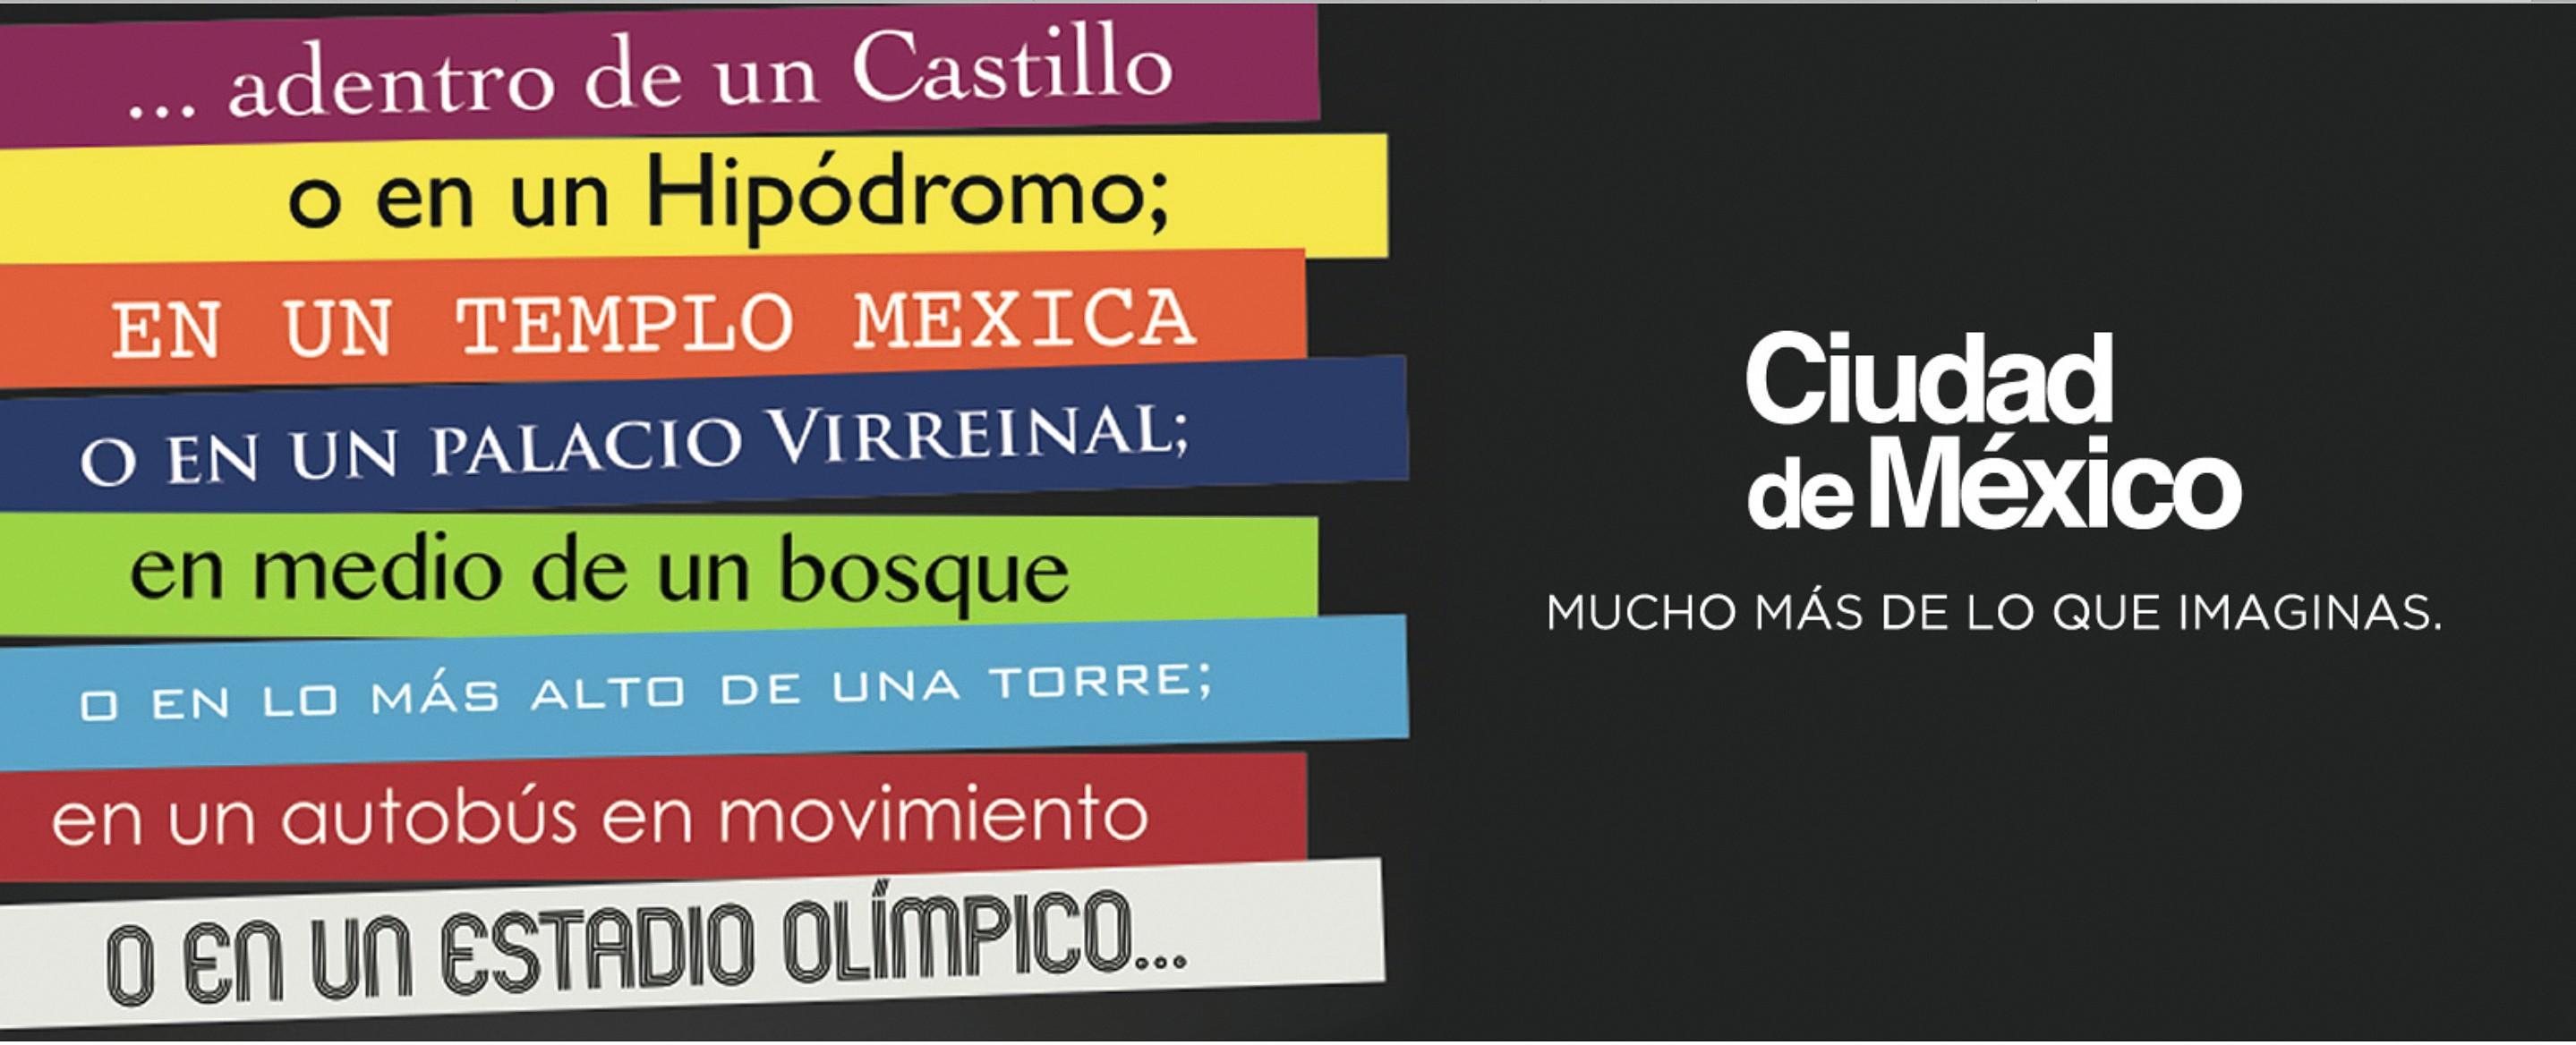 Campaña promocional para el turismo de reuniones, Ciudad de México, 2013-2015.